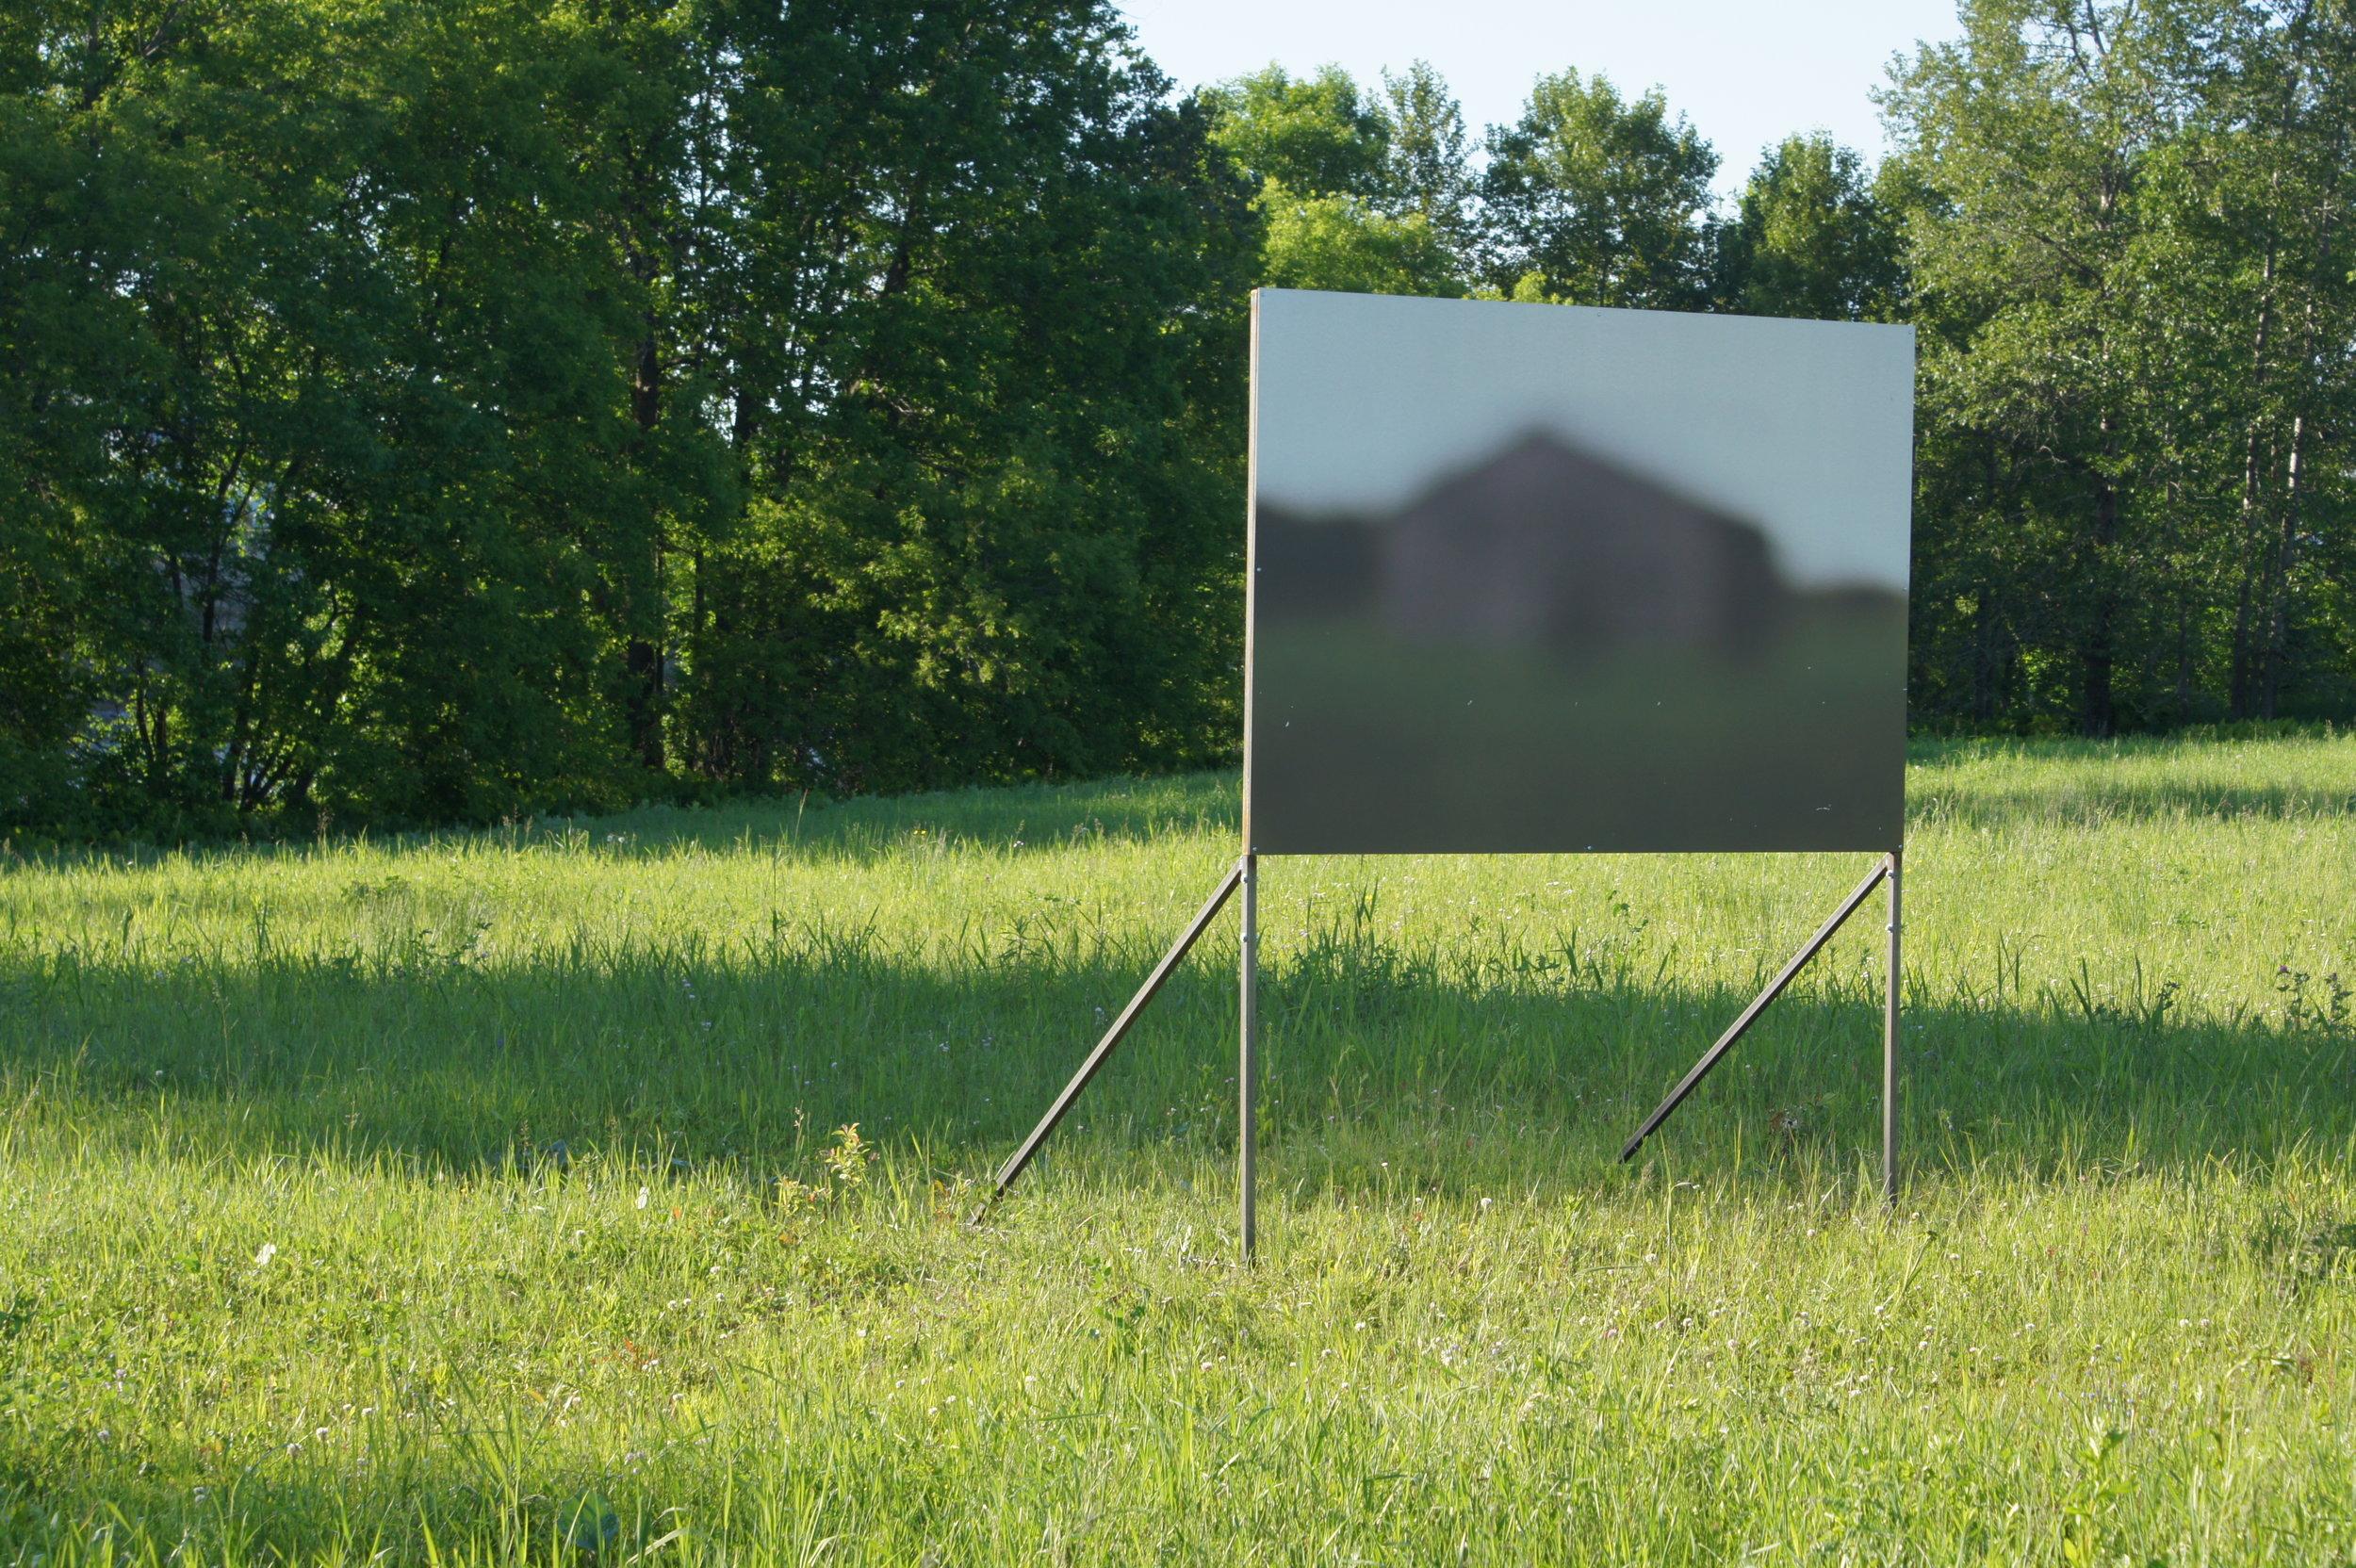 Jason Arsenault, Monuments flous 2012, crédit : Véronique Lépine, Julie Villeneuve et Yves Marceau